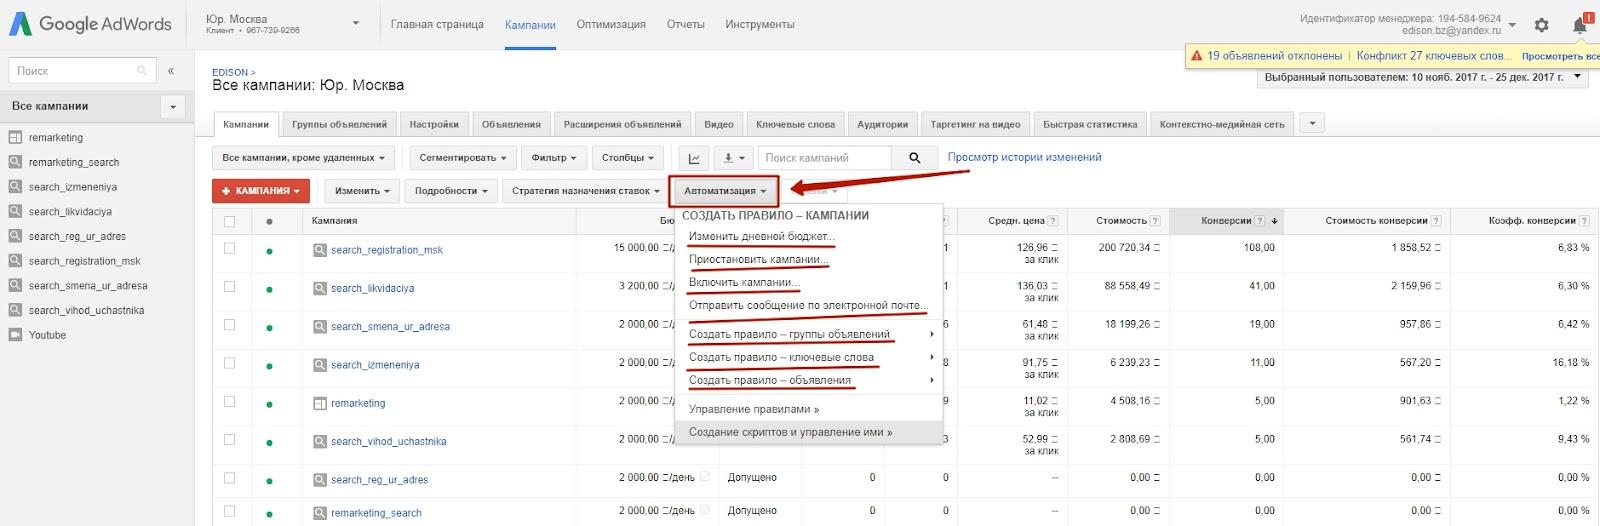 Сервис автоматизации контекстной рекламы рейтинг